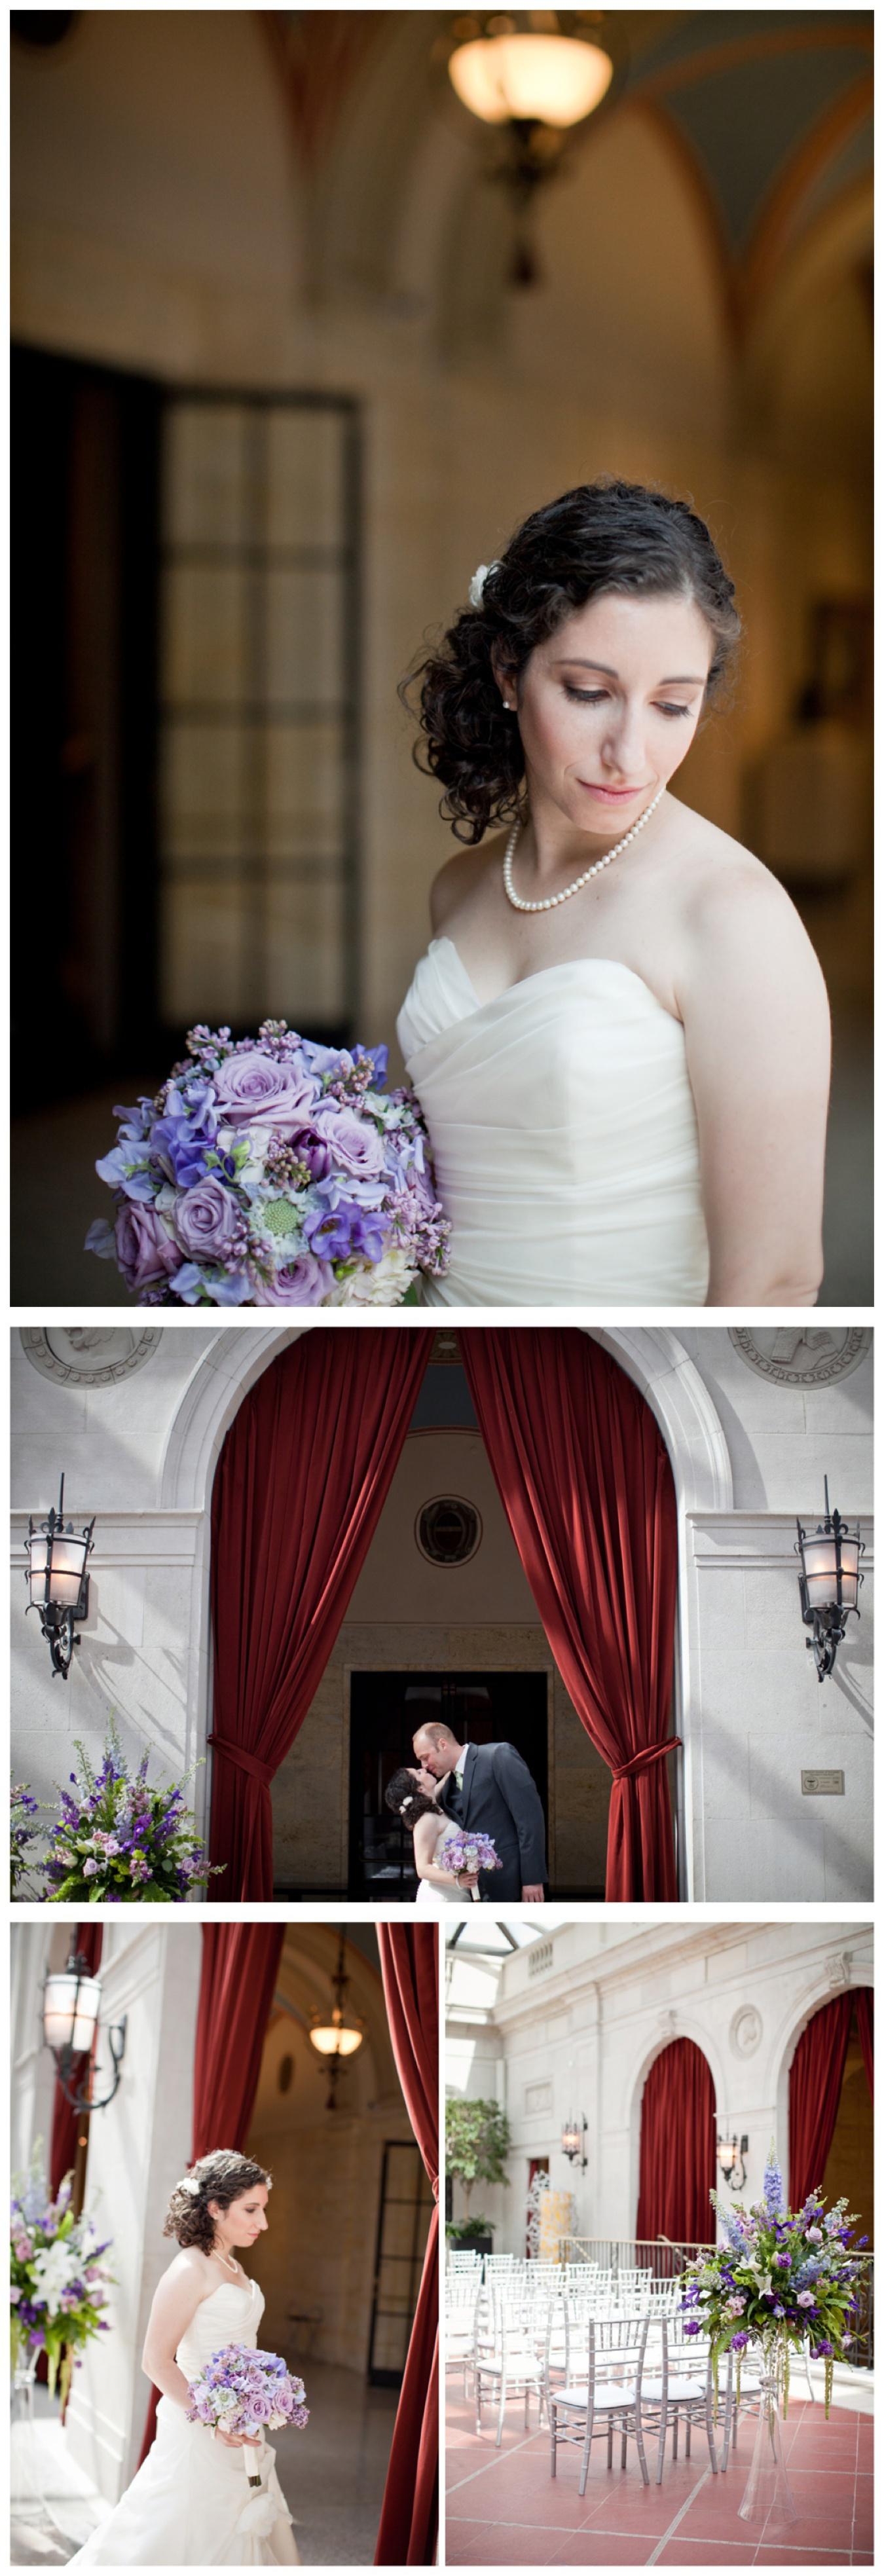 LilyGlassPhotography Columbus Ohio Weddings06.jpg